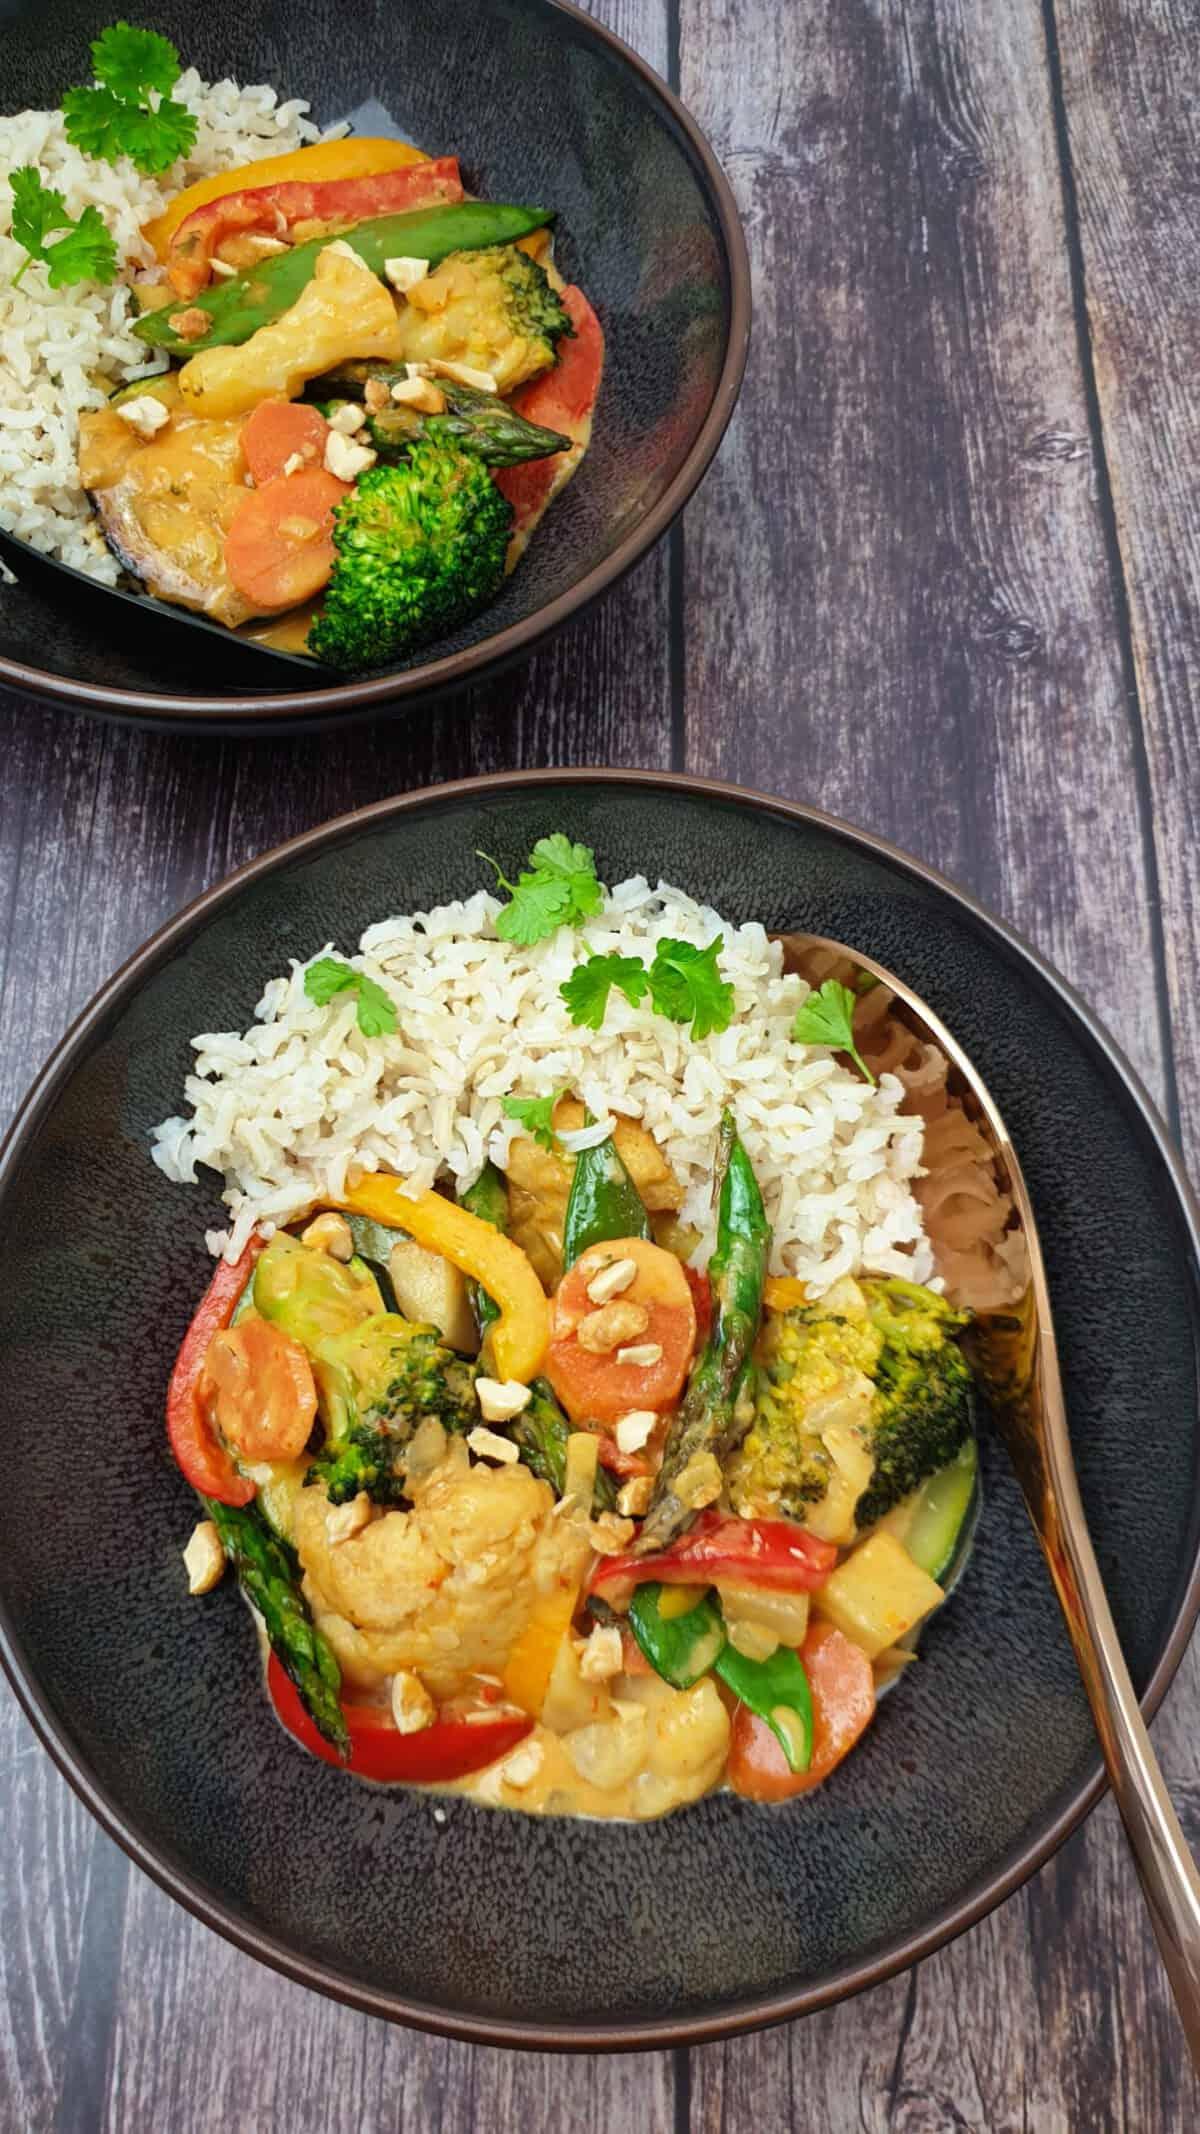 Gemüse Curry mit Blumenkohl und Brokkoli in einer grauen Schale mit Reis serviert.